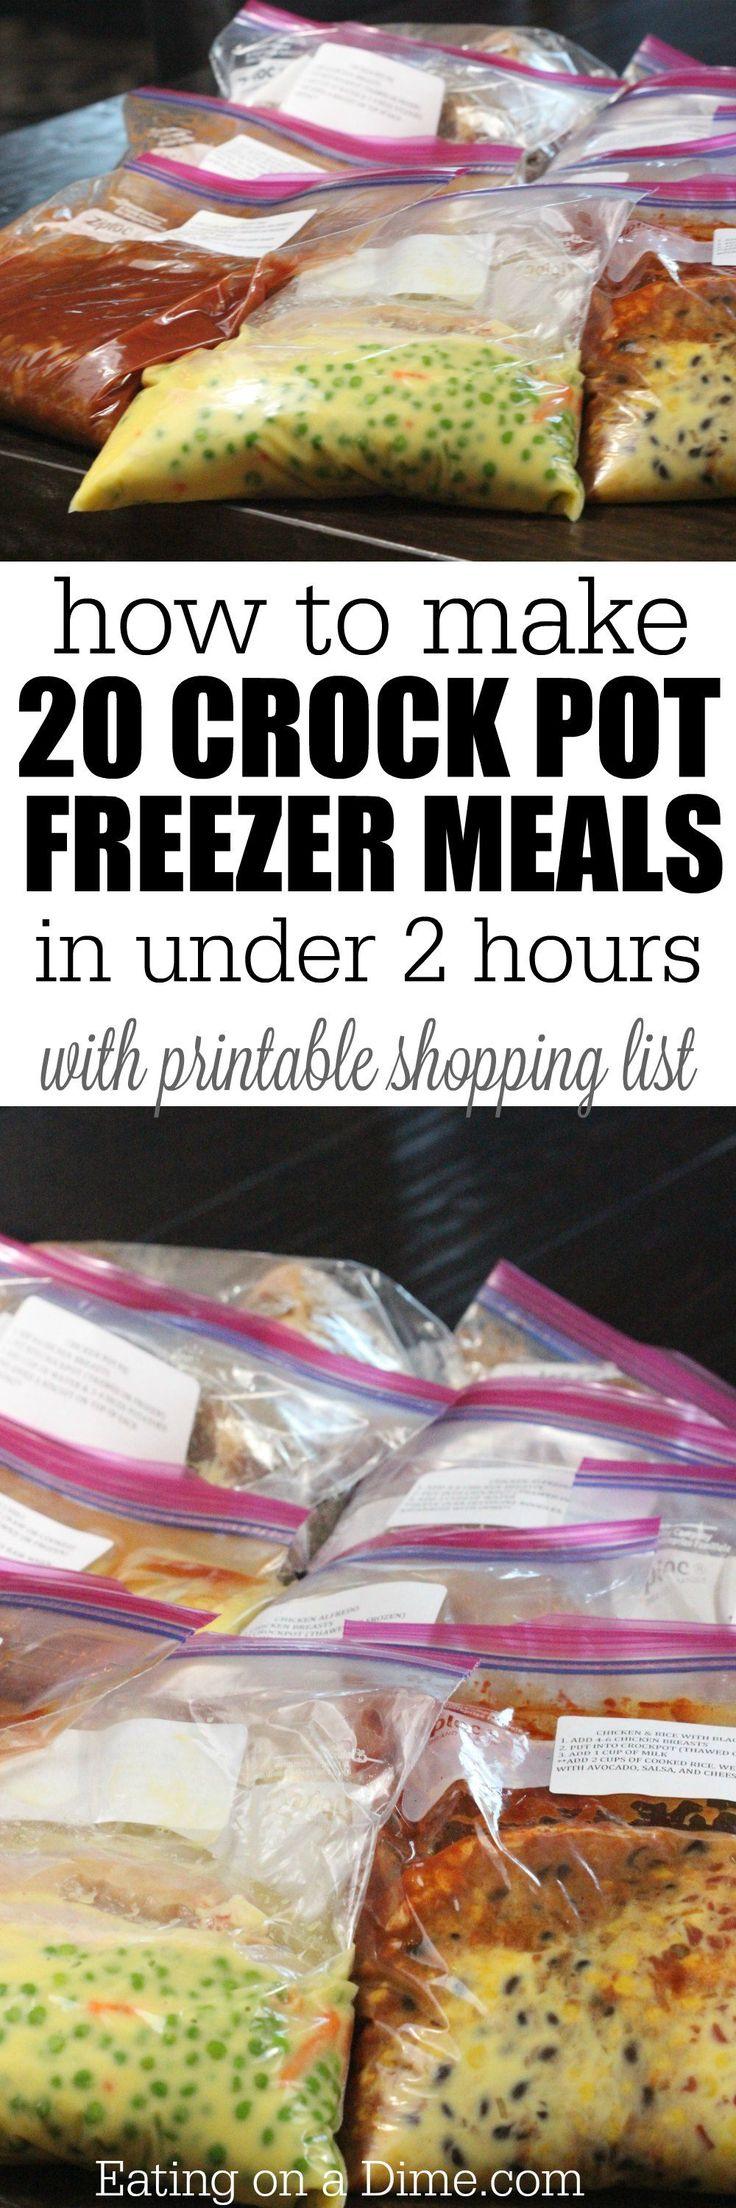 20 crock pot freezer meals in under 2 hours